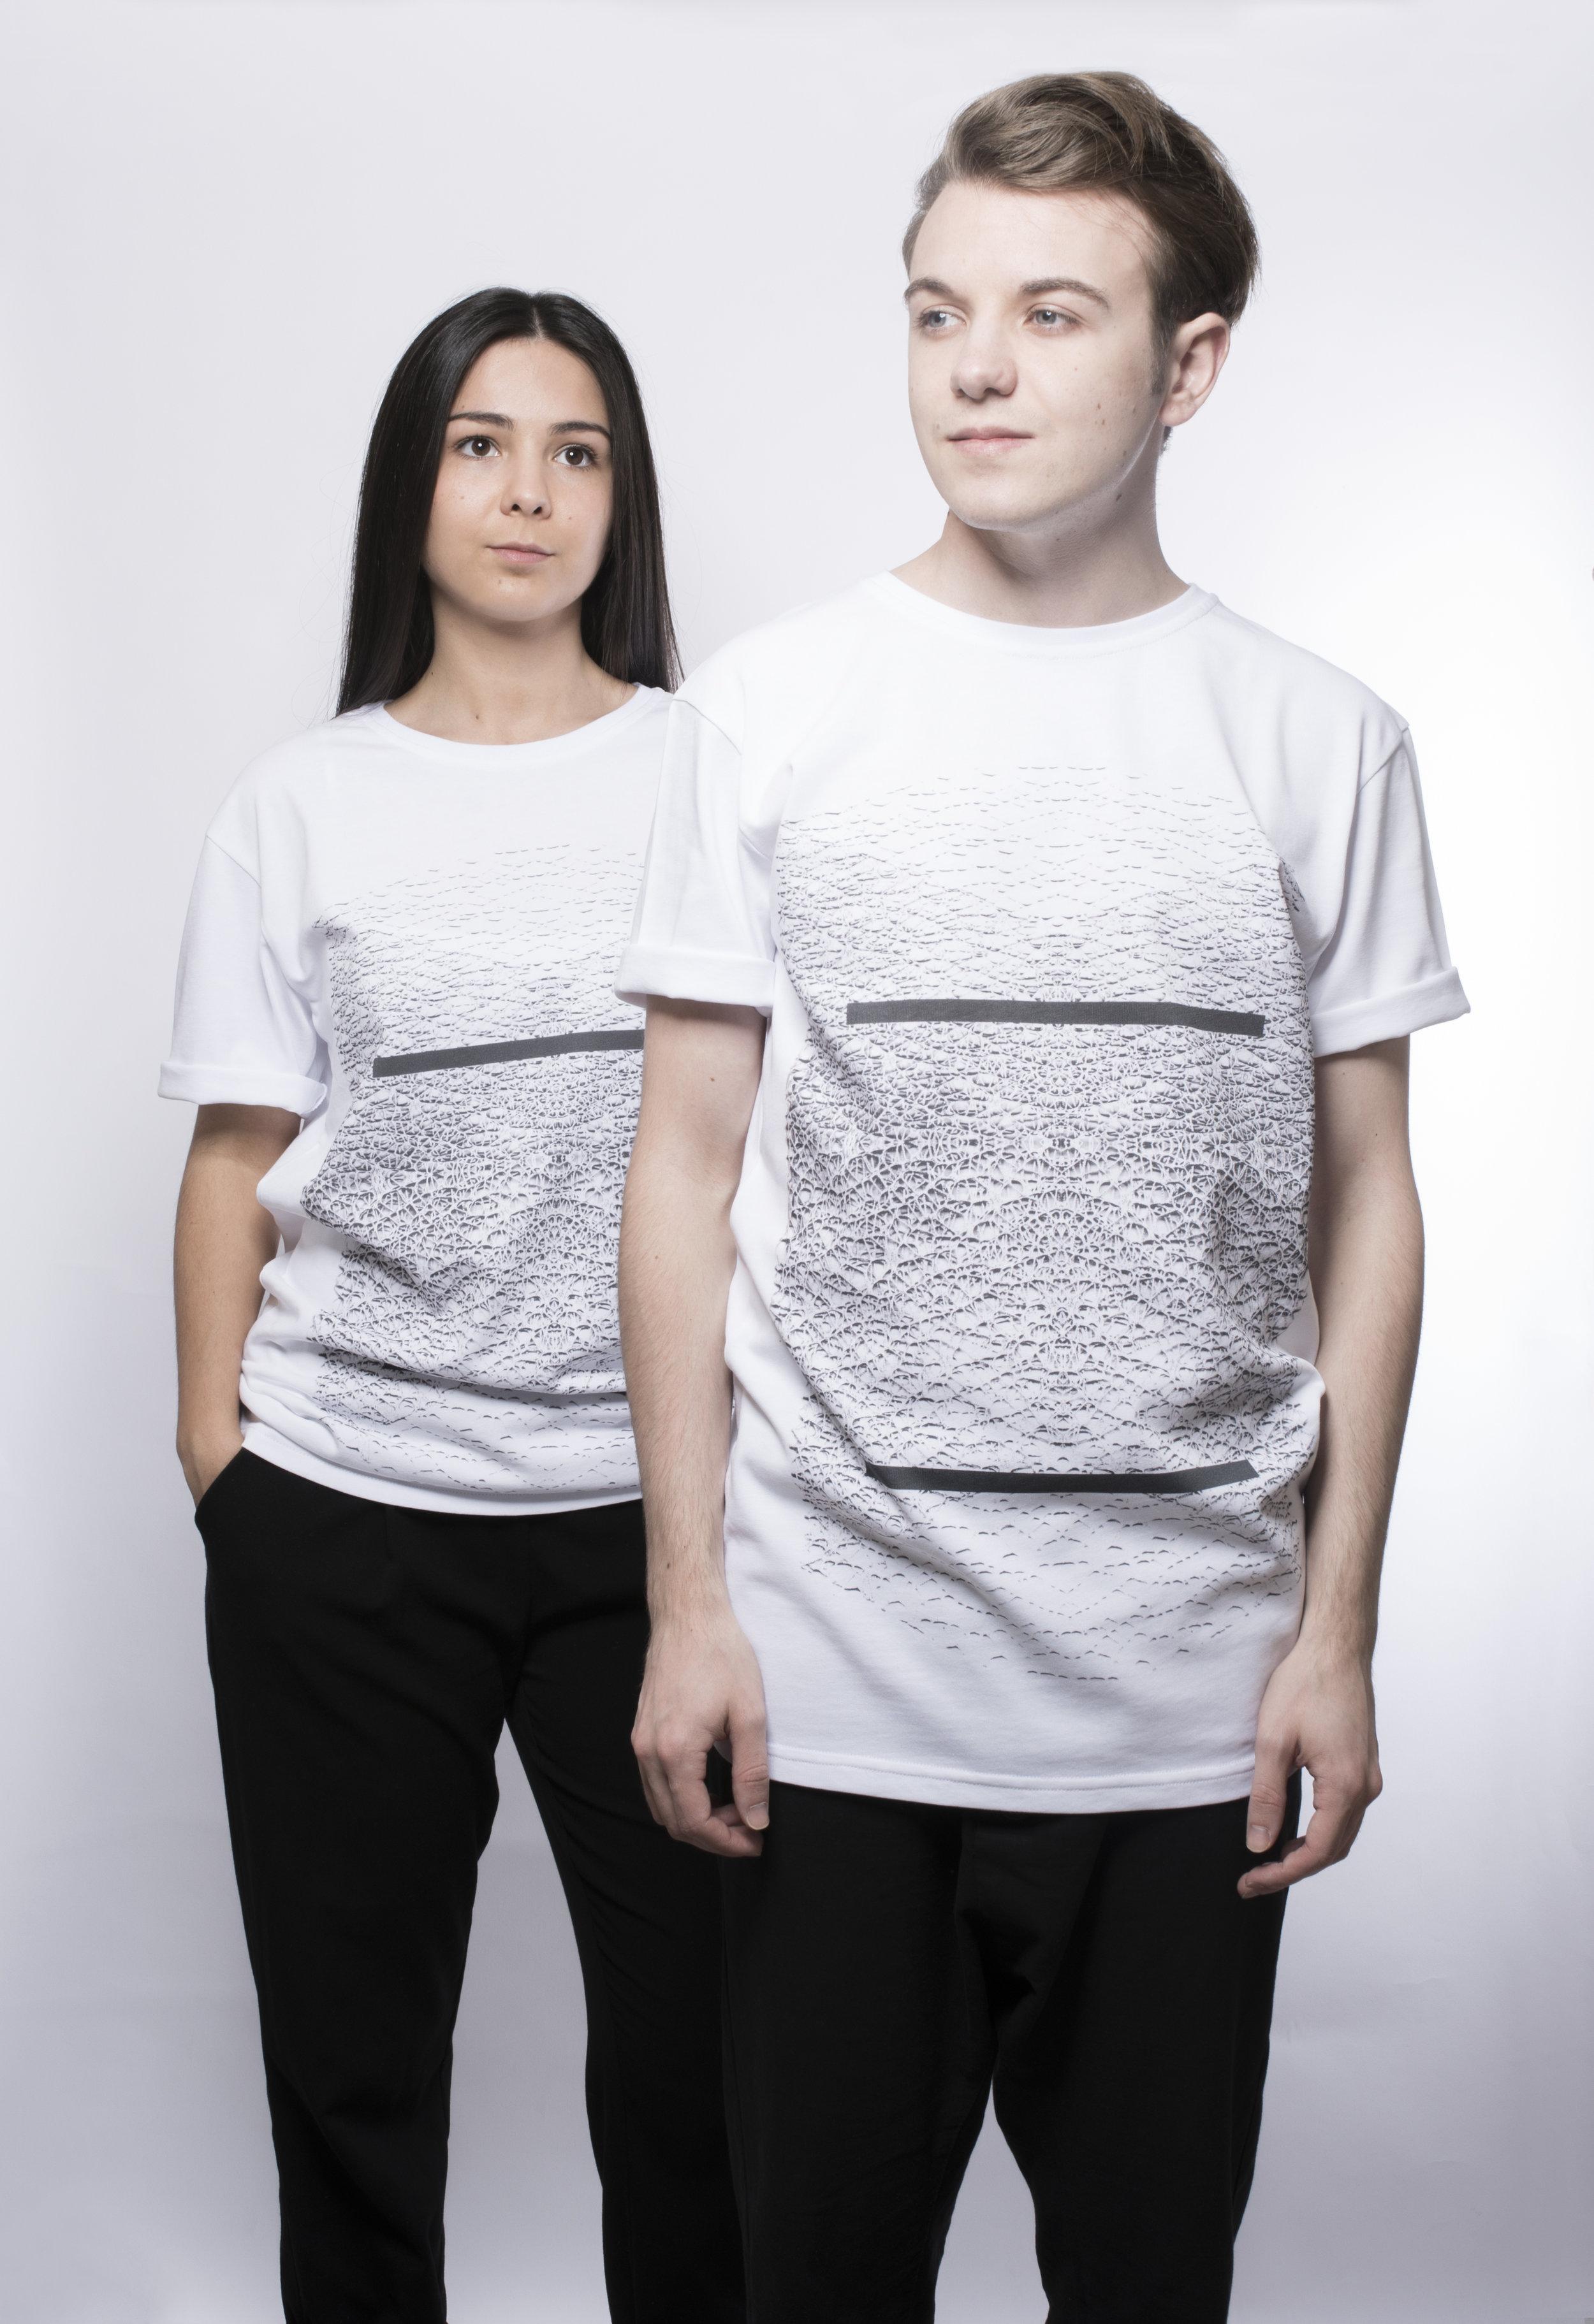 T-Shirt - 39.50€ LINE - Organisches Motiv mit Linien im Vorderteil.Erhältlich in S, M, L, XL100% Baumwolle.-Preis inkl. MwSt und zzgl. Versand.Beachtung der AGB's.